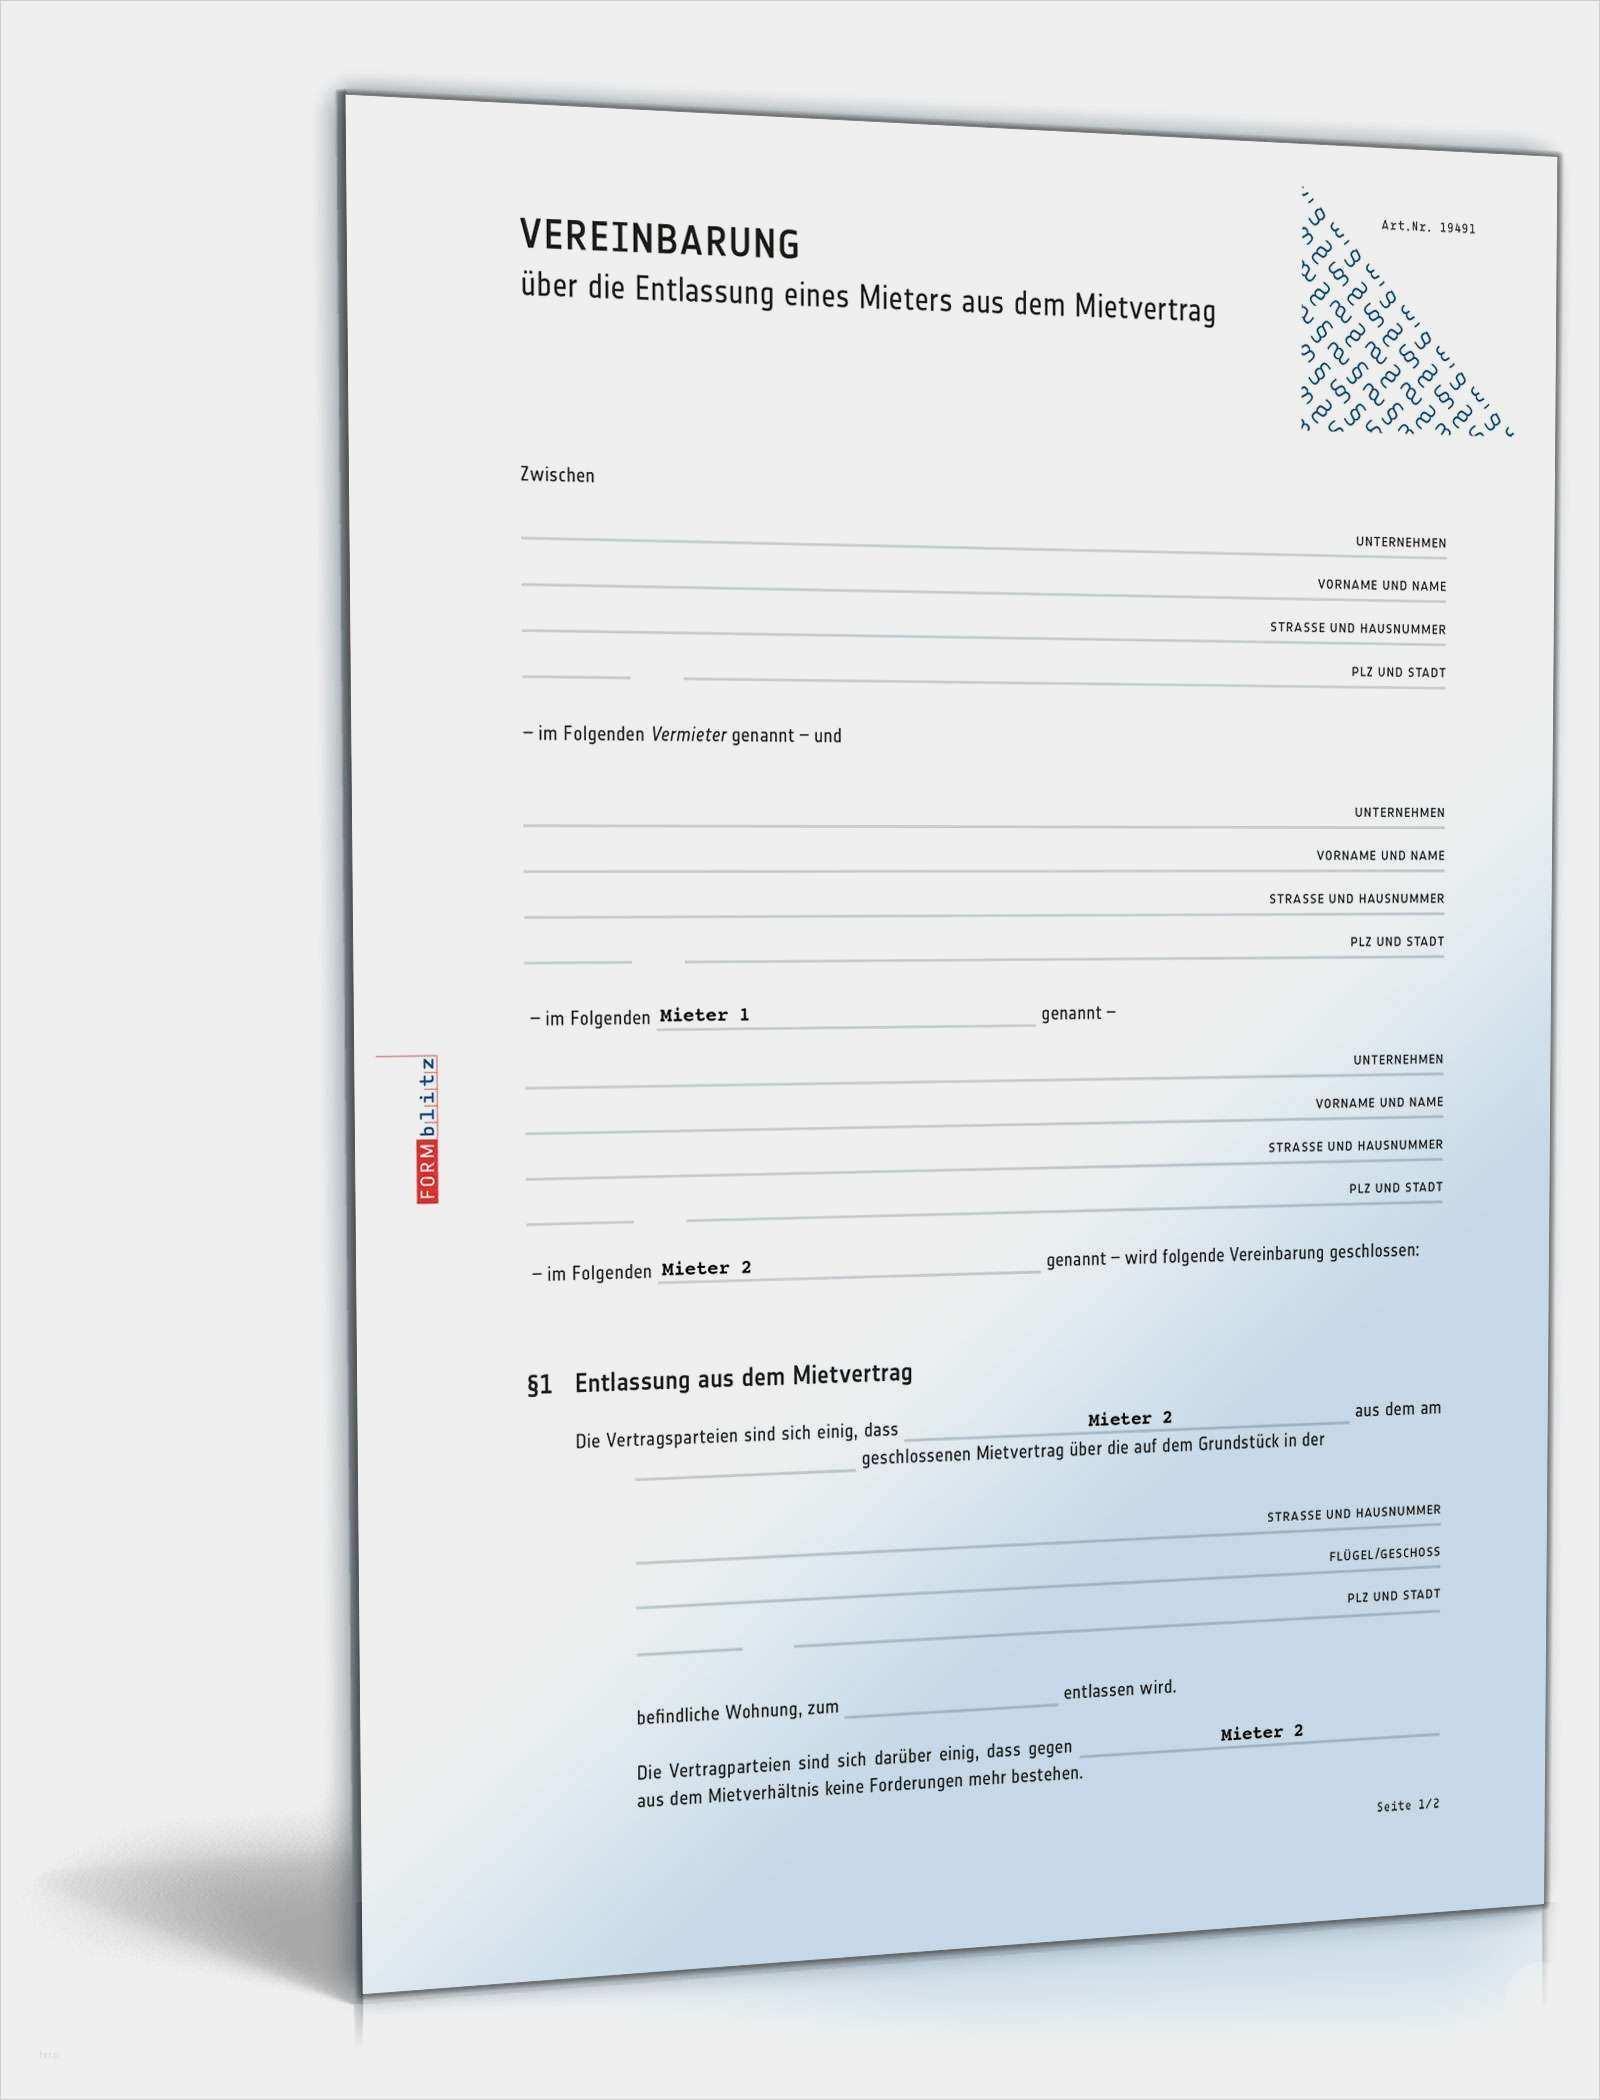 Suss Vorlage Gewerbemietvertrag Ideen In 2020 Vorlagen Word Businessplan Vorlage Vorlagen